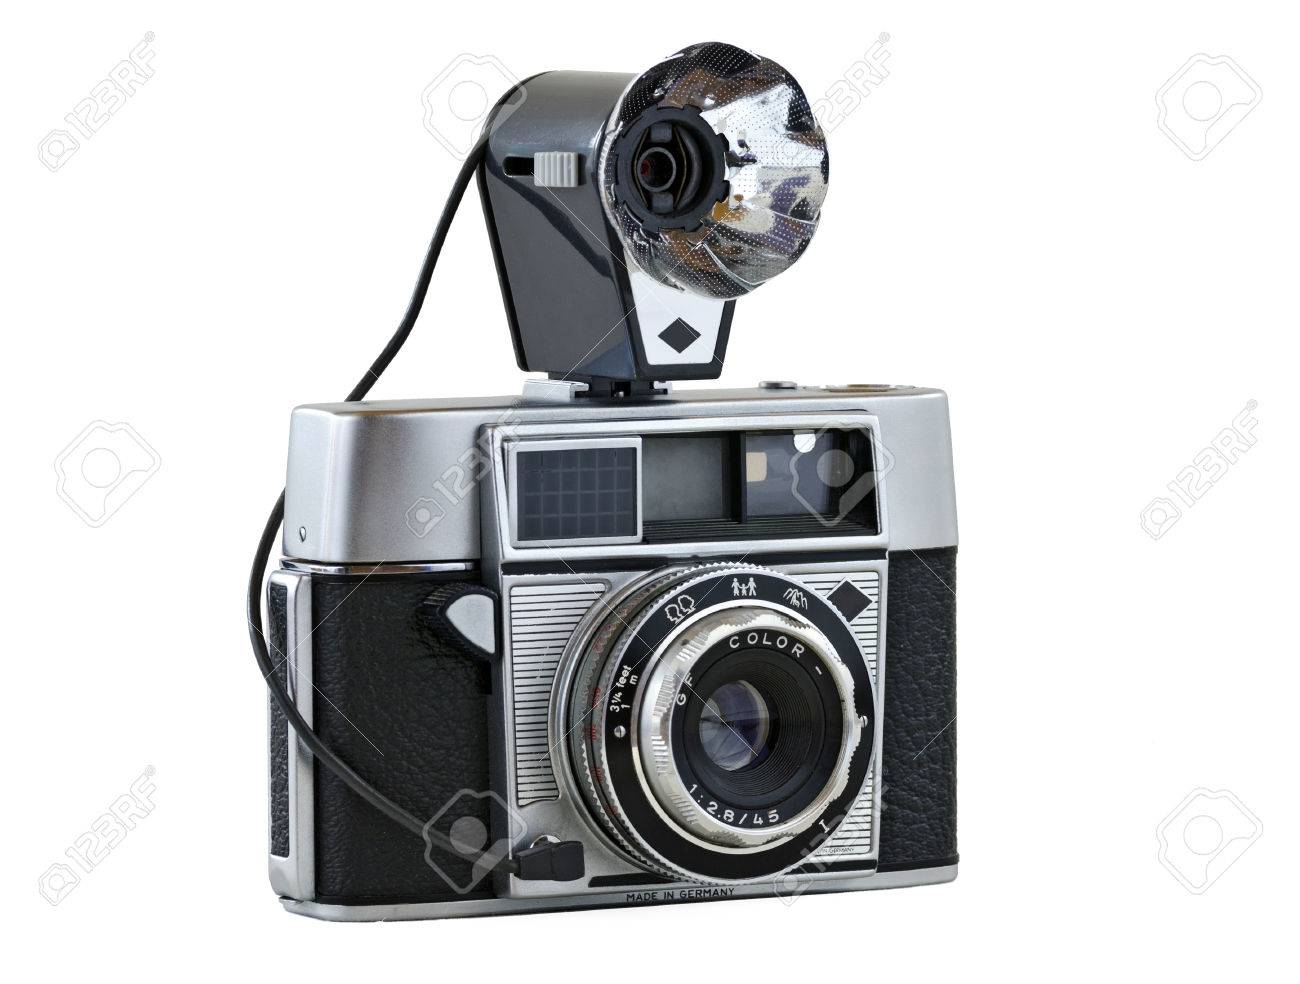 Entfernungsmesser Für Fotografie : Entfernungsmesser kamera mit blitzlicht anlage programm belichtung